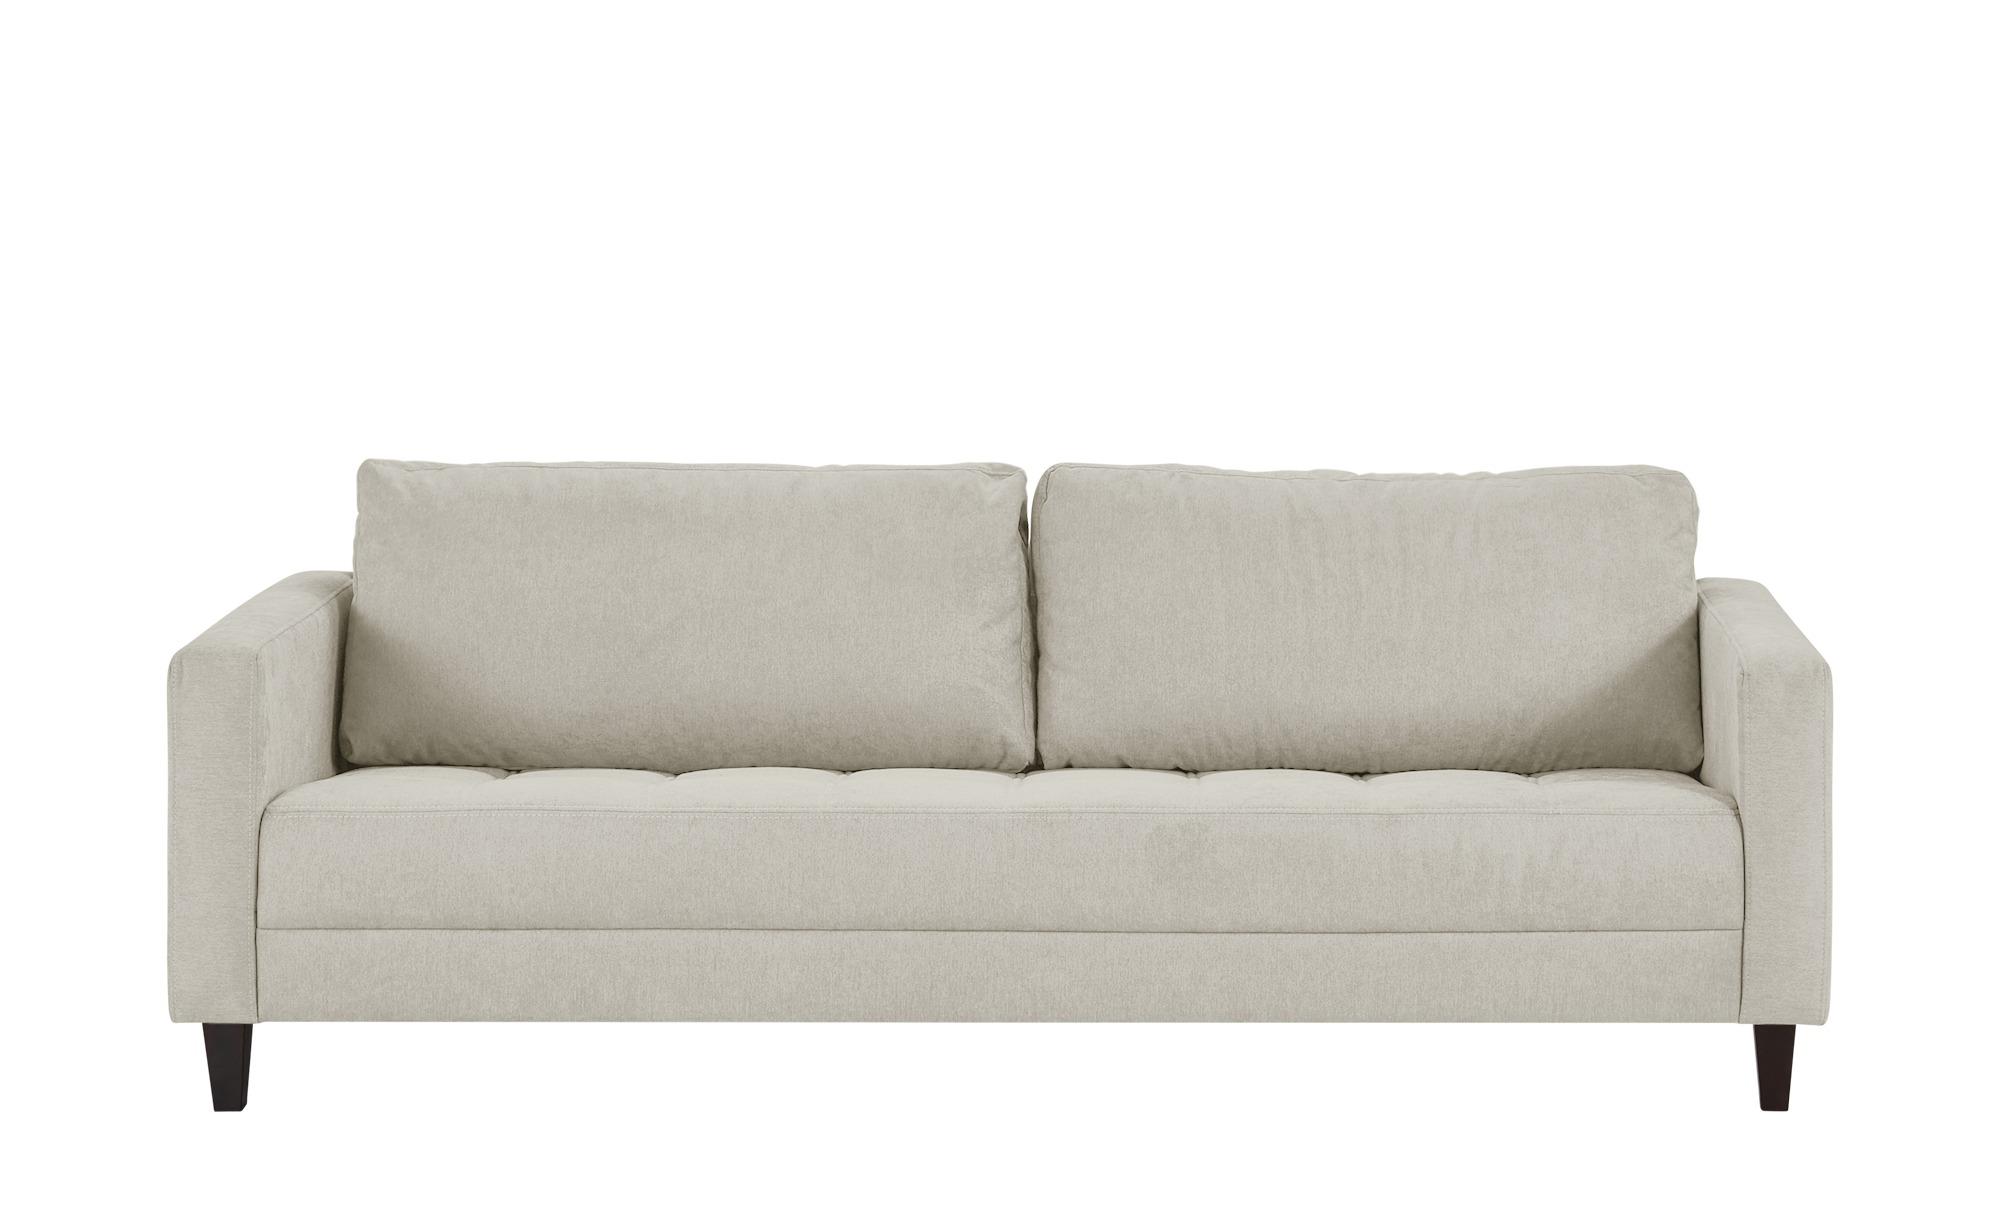 smart Sofa weiß - Flachgewebe Geradine ¦ weiß ¦ Maße (cm): B: 226 H: 93 T: 92 Polstermöbel > Sofas > 3-Sitzer - Höffner